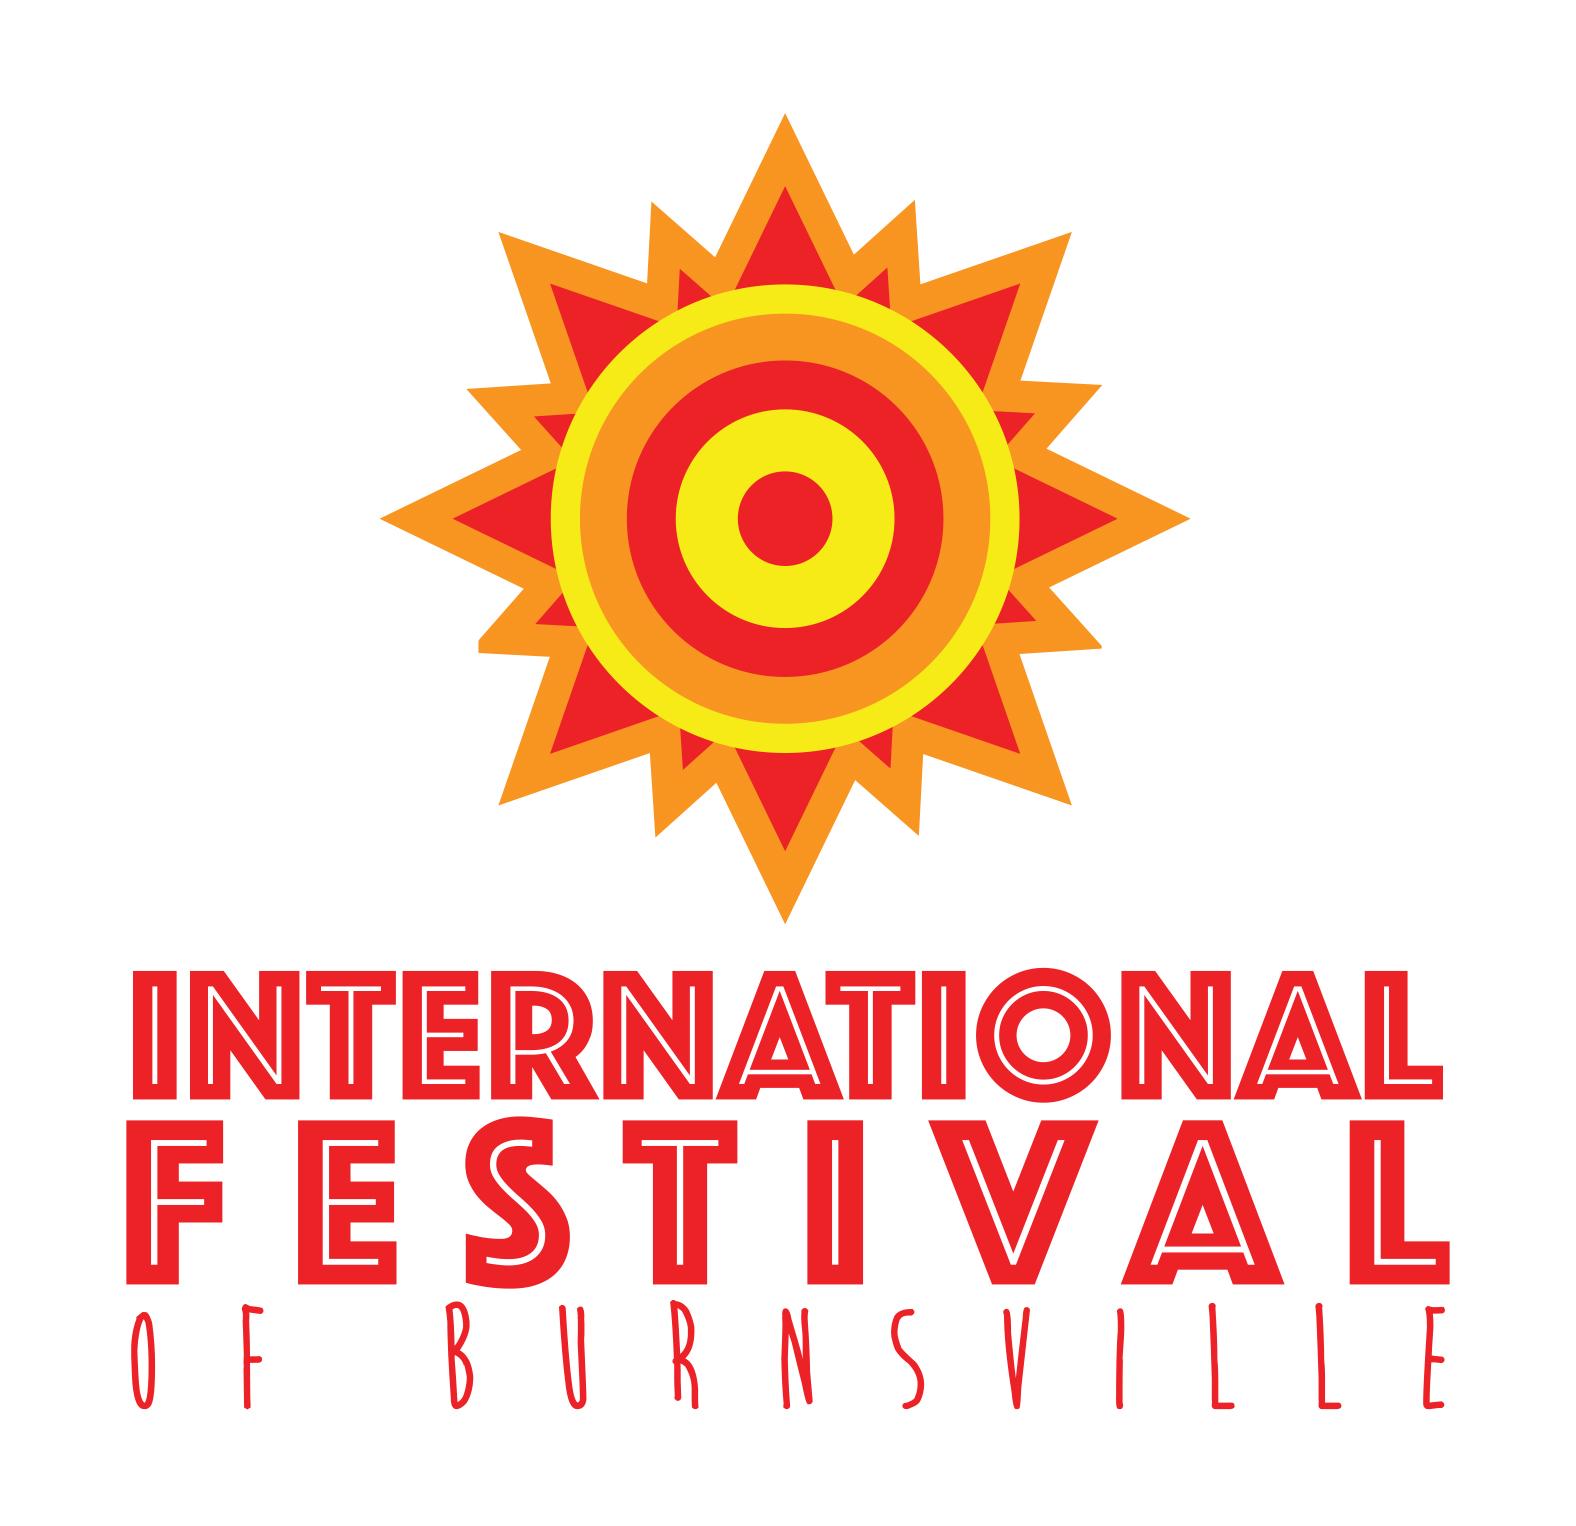 International Festival of Burnsville